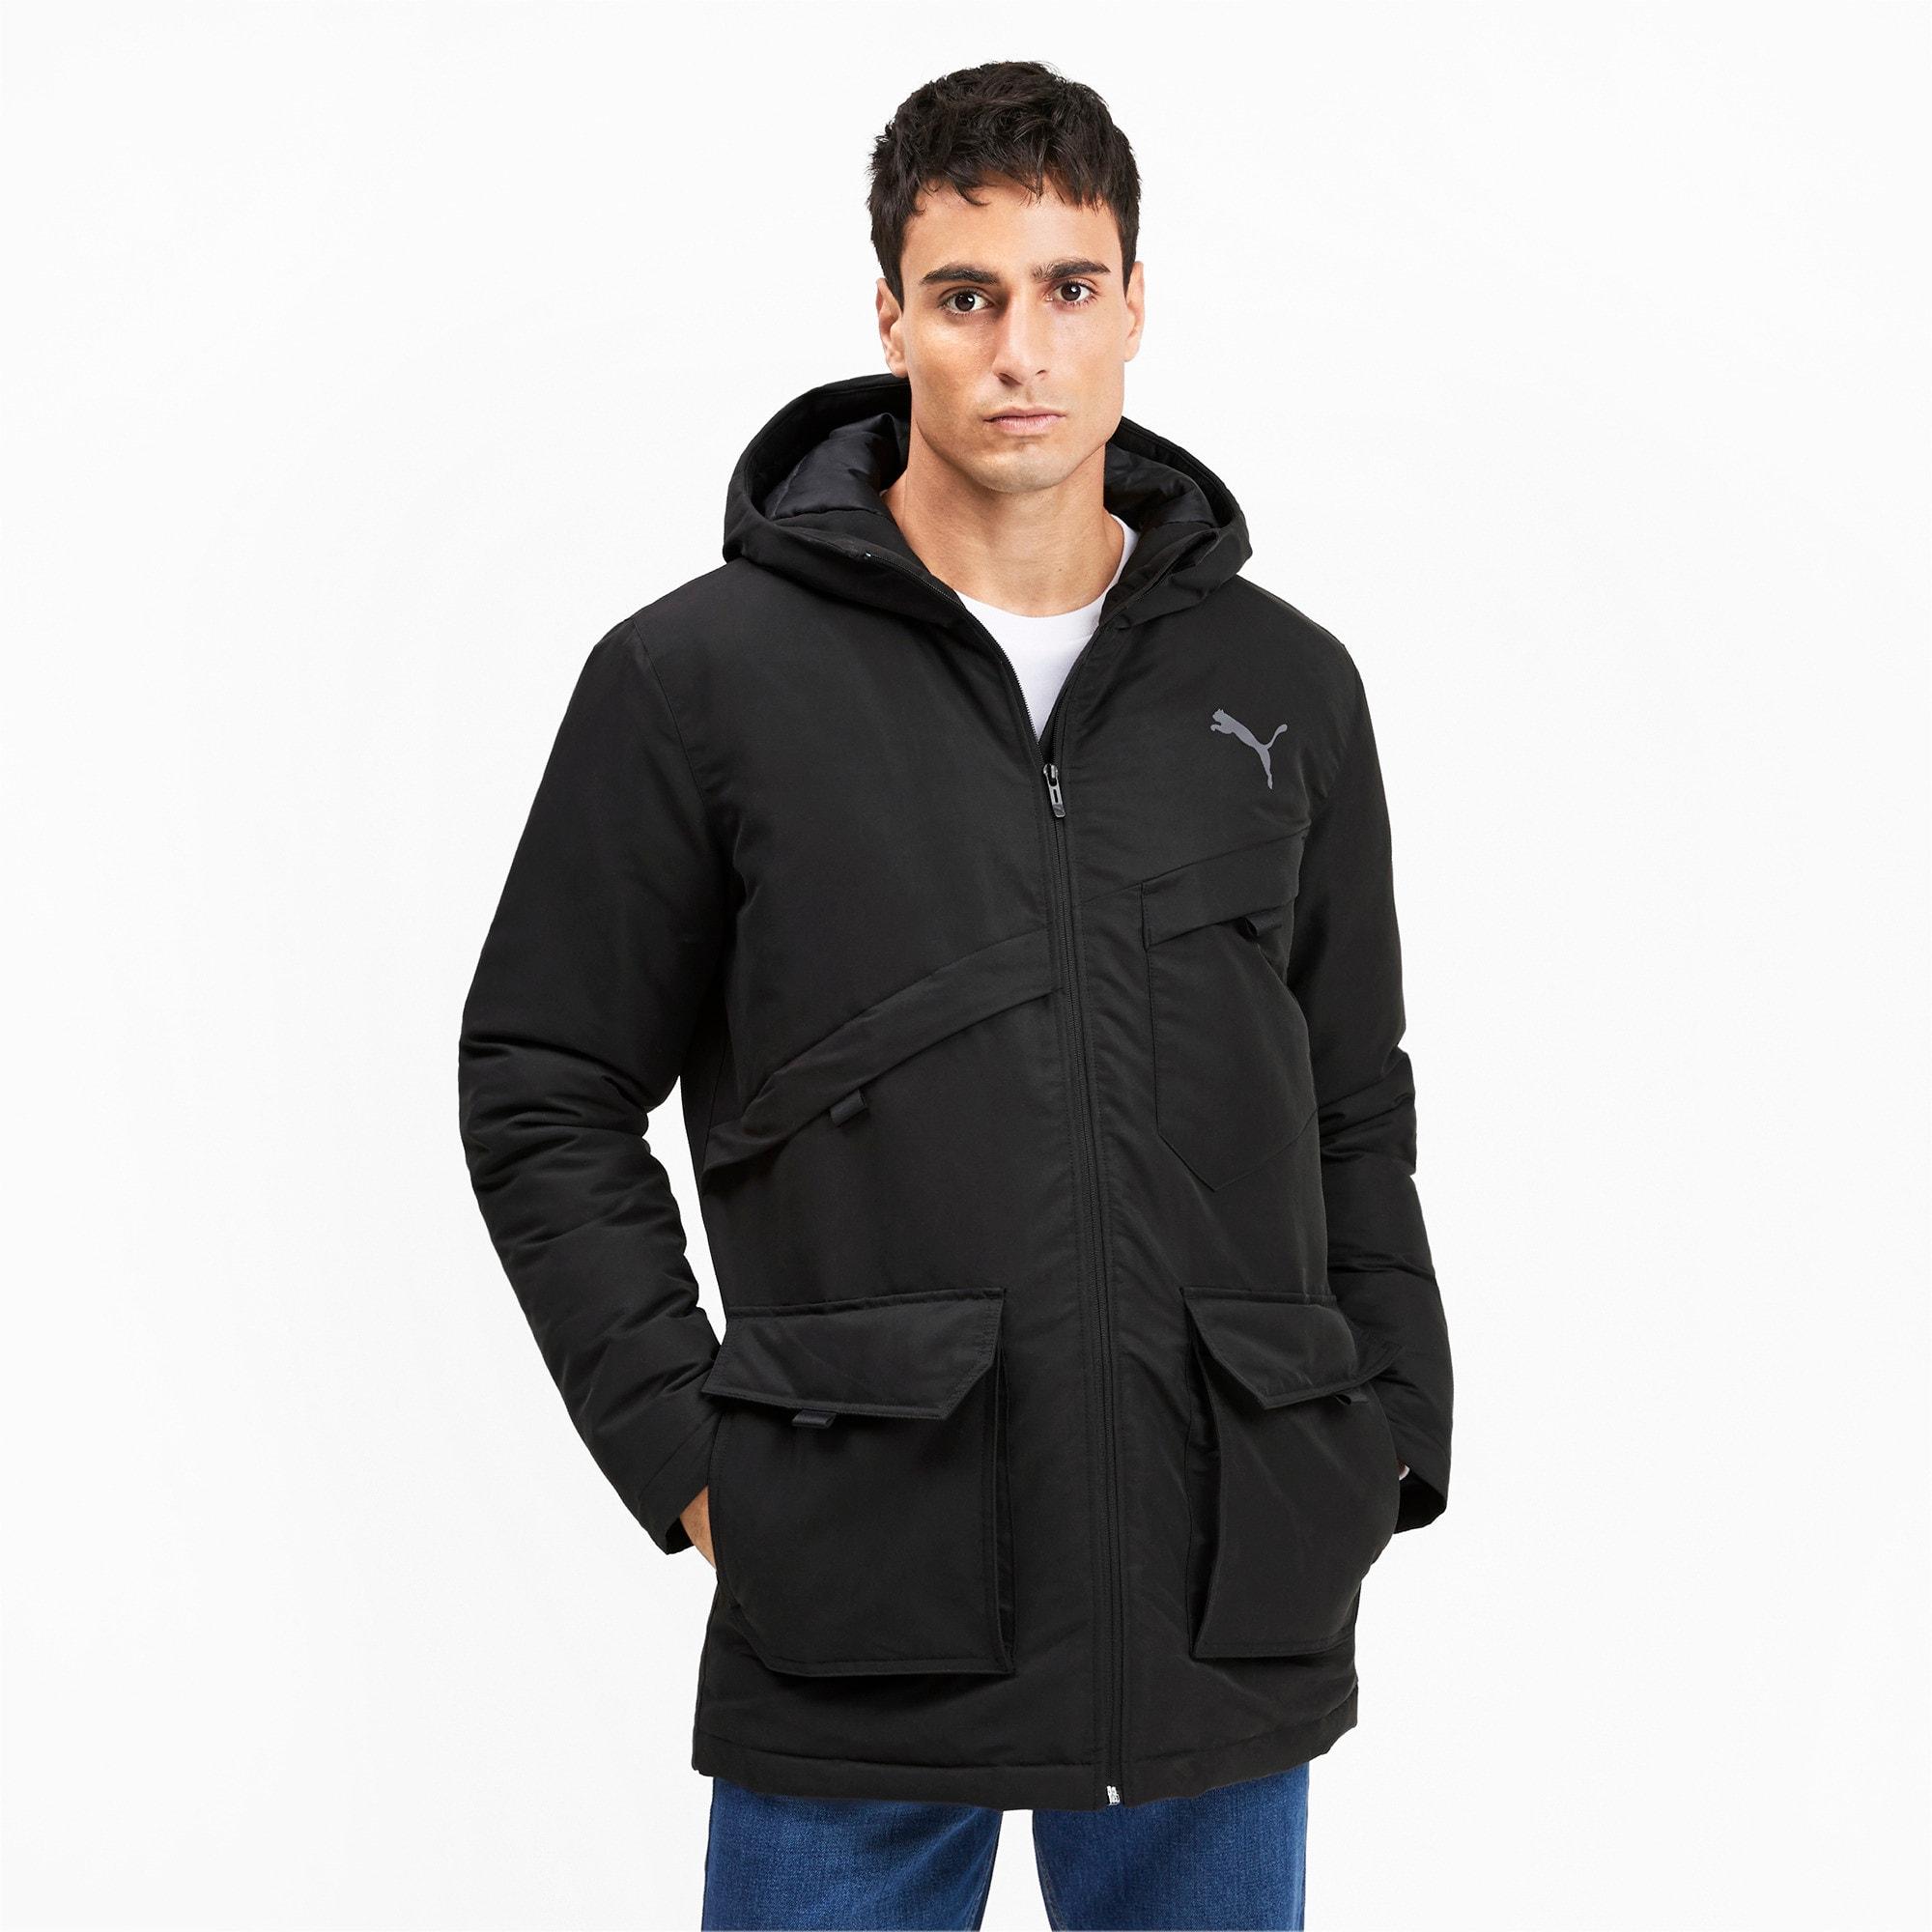 Thumbnail 2 of Essentials Protect Men's Jacket, Puma Black, medium